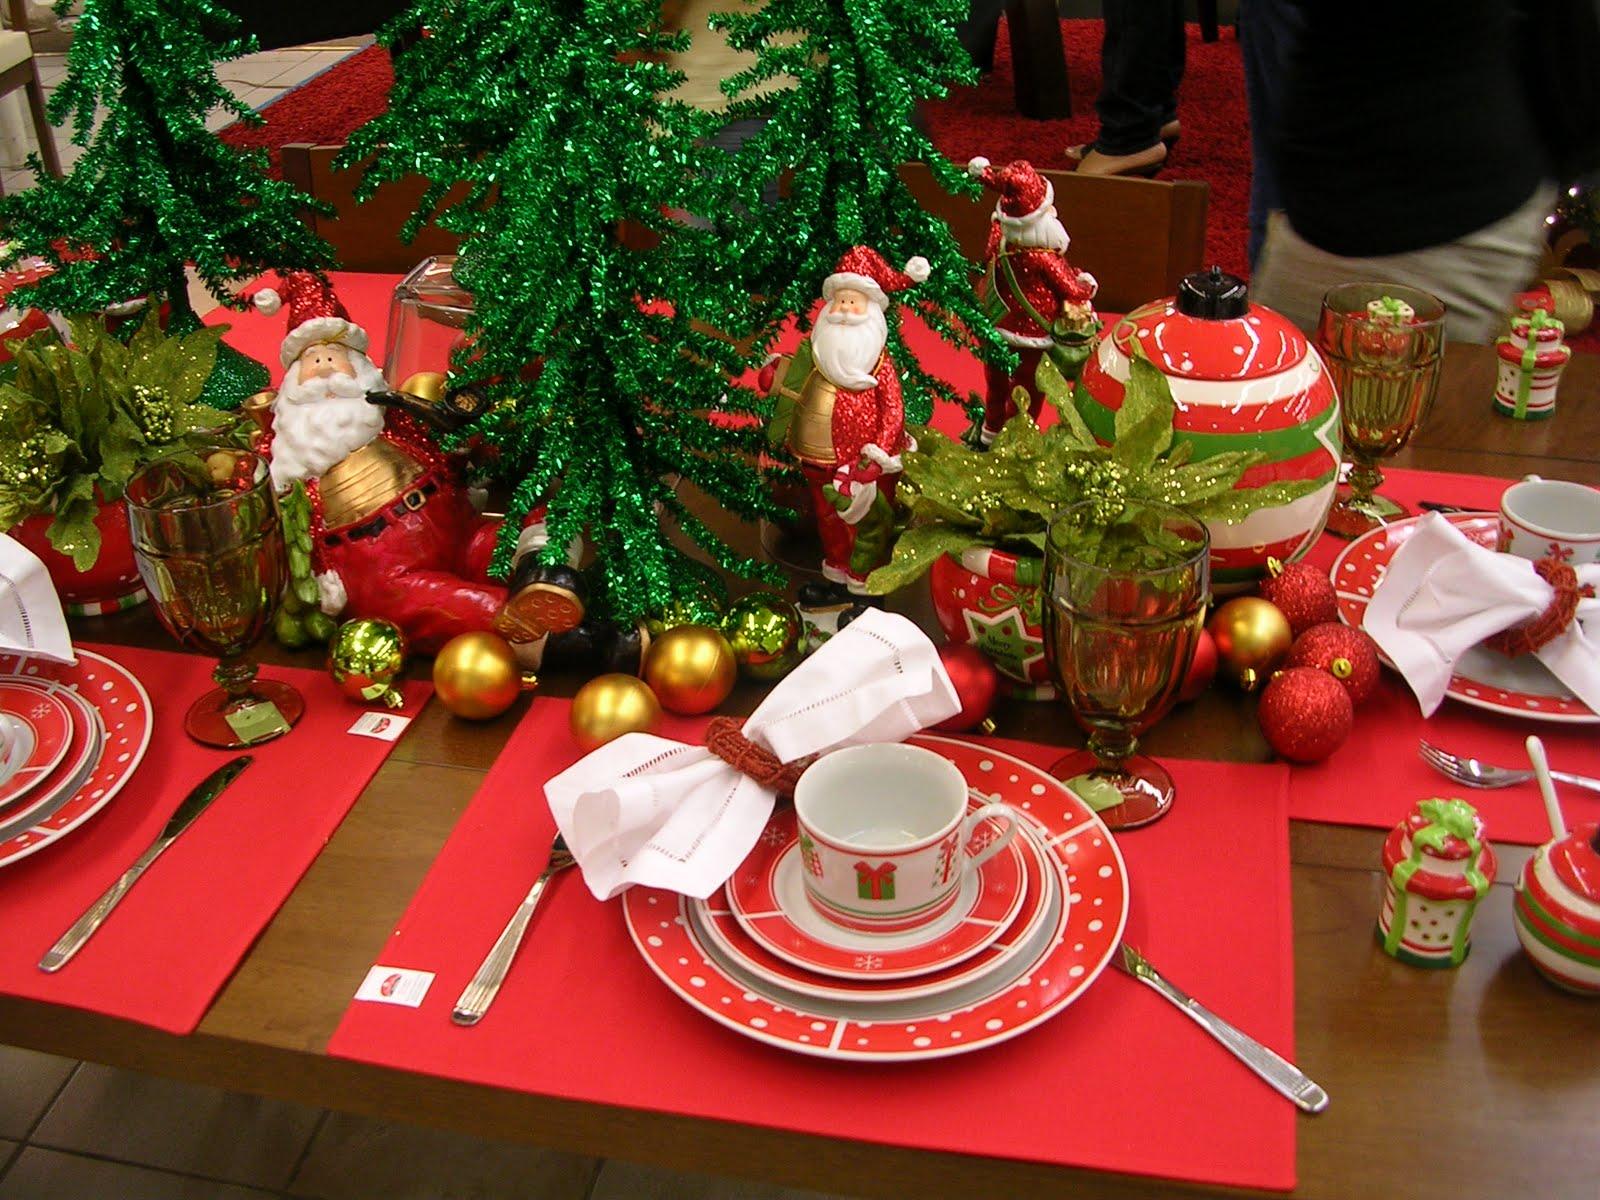 Navidad Decoracion Mesa ~ Por lo visto en estas decoraciones no utilizan mantel y su lugar